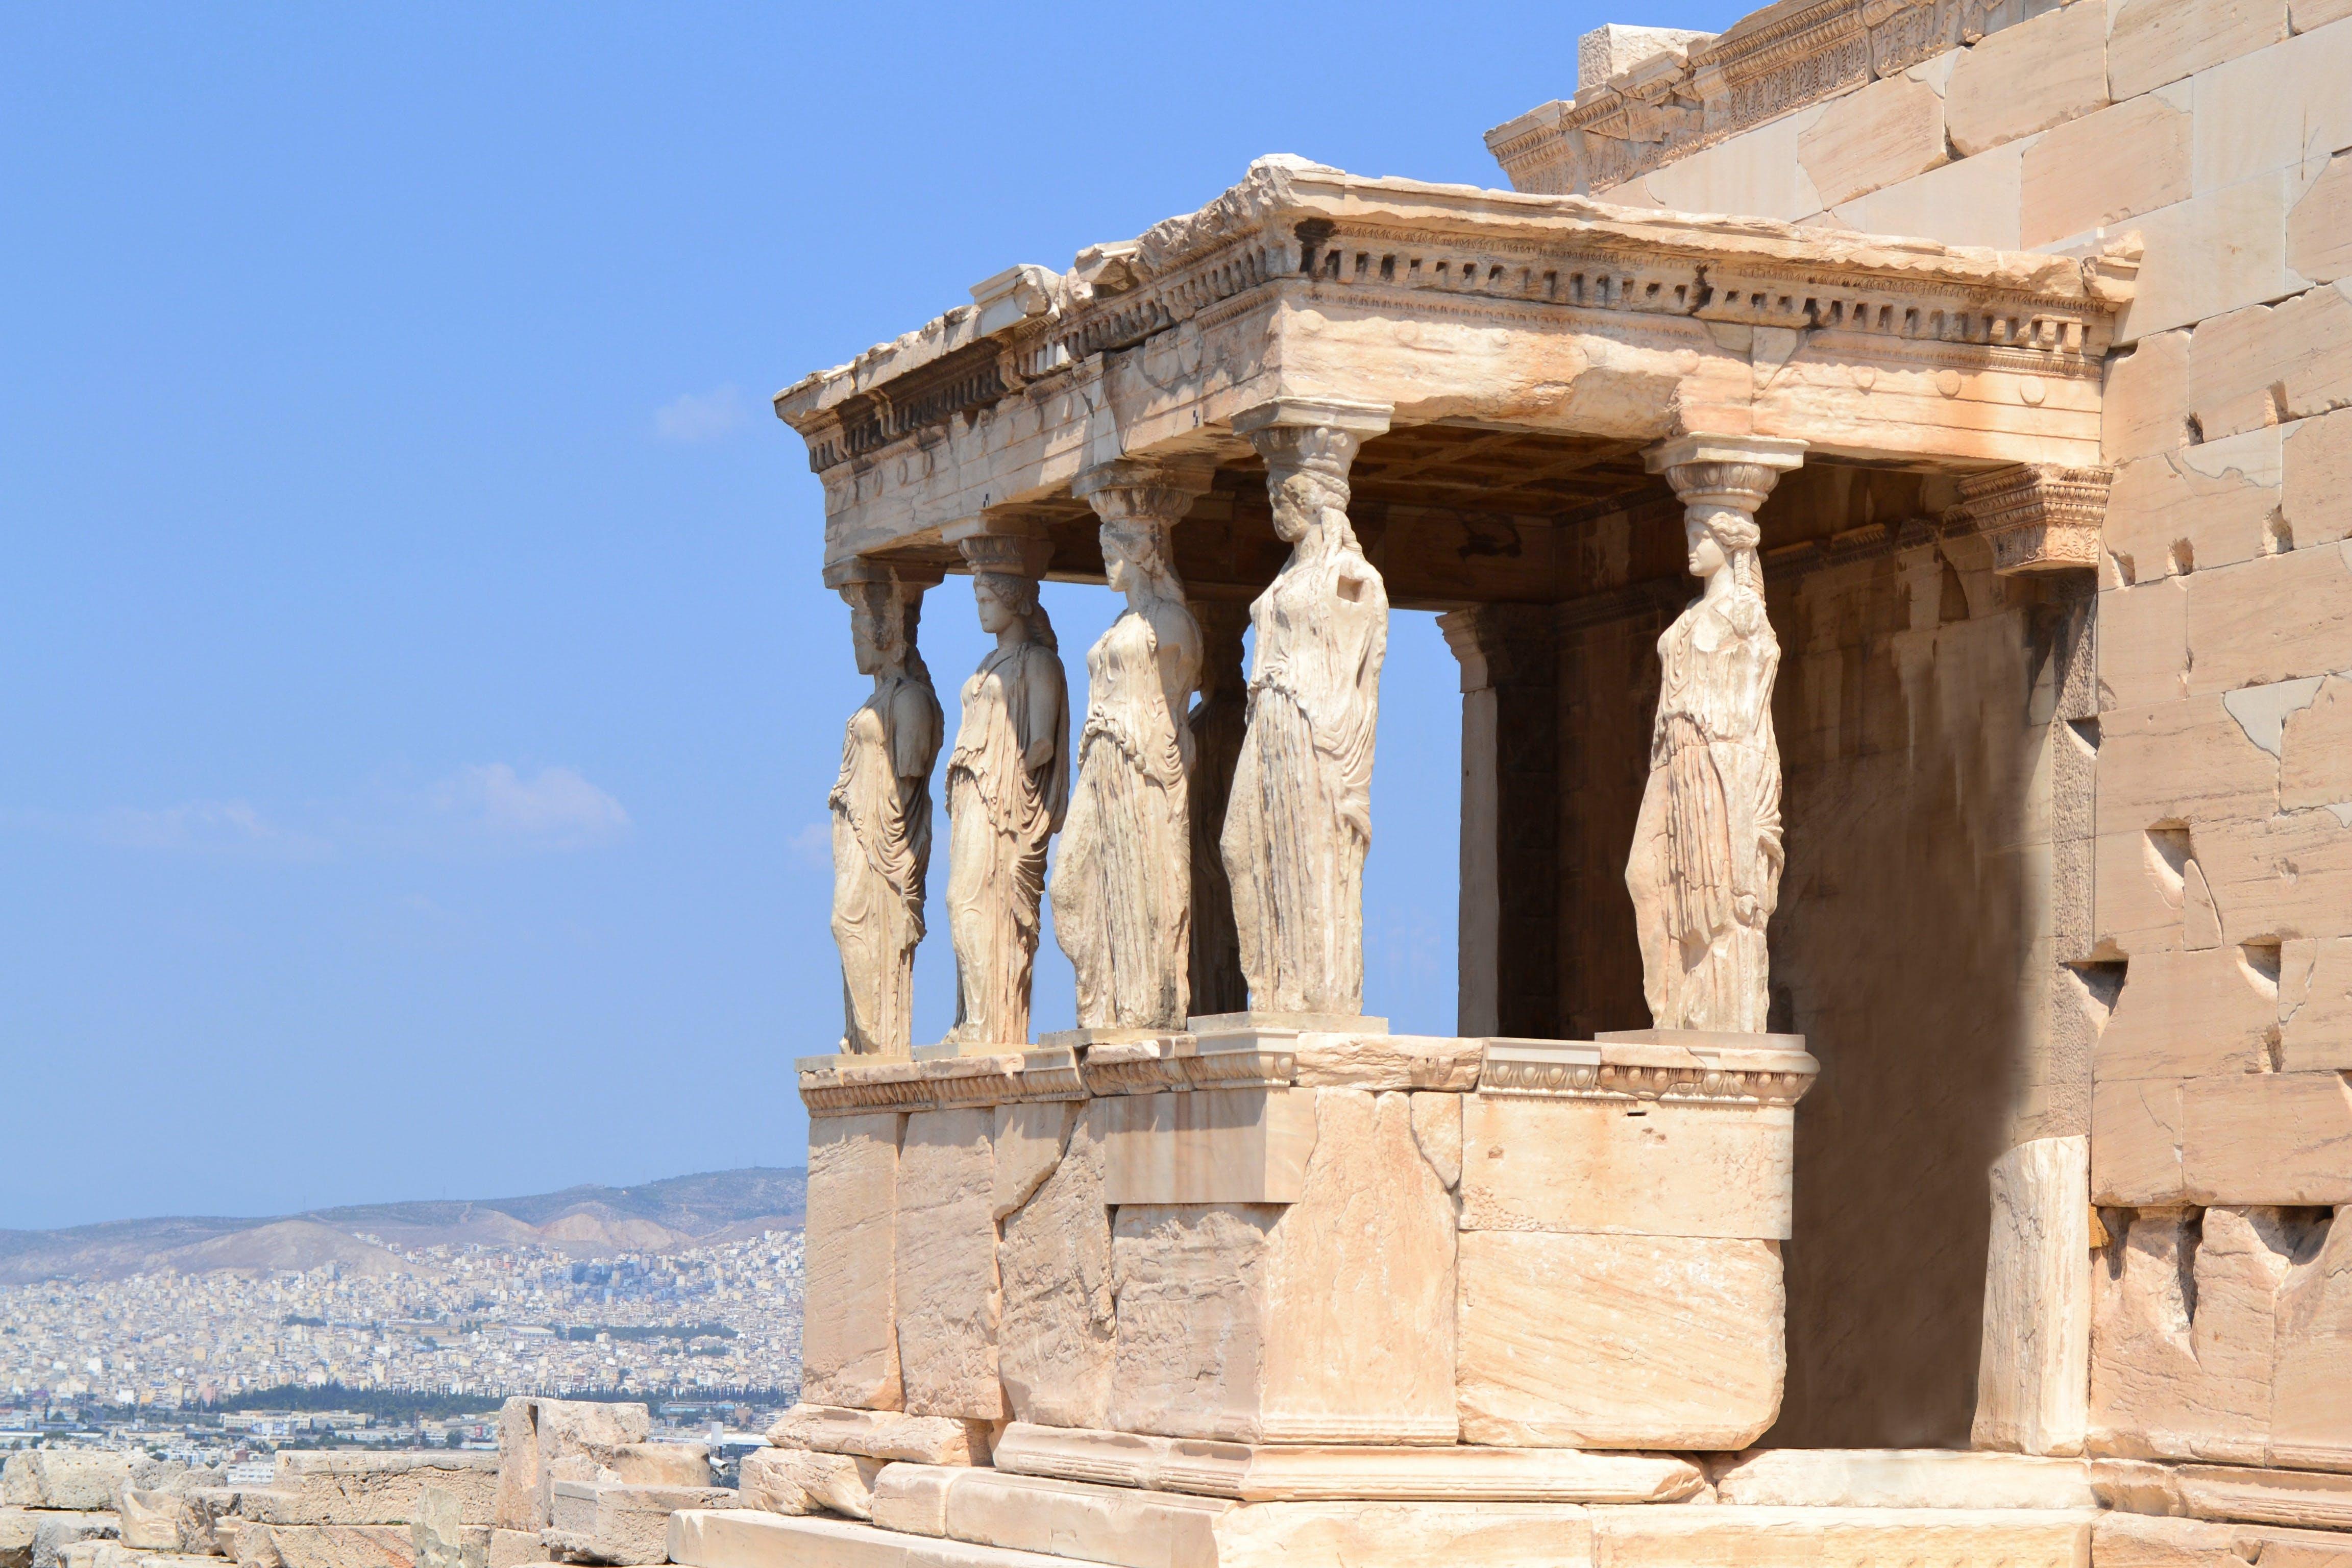 건축, 고고학, 고대의, 골동품의 무료 스톡 사진